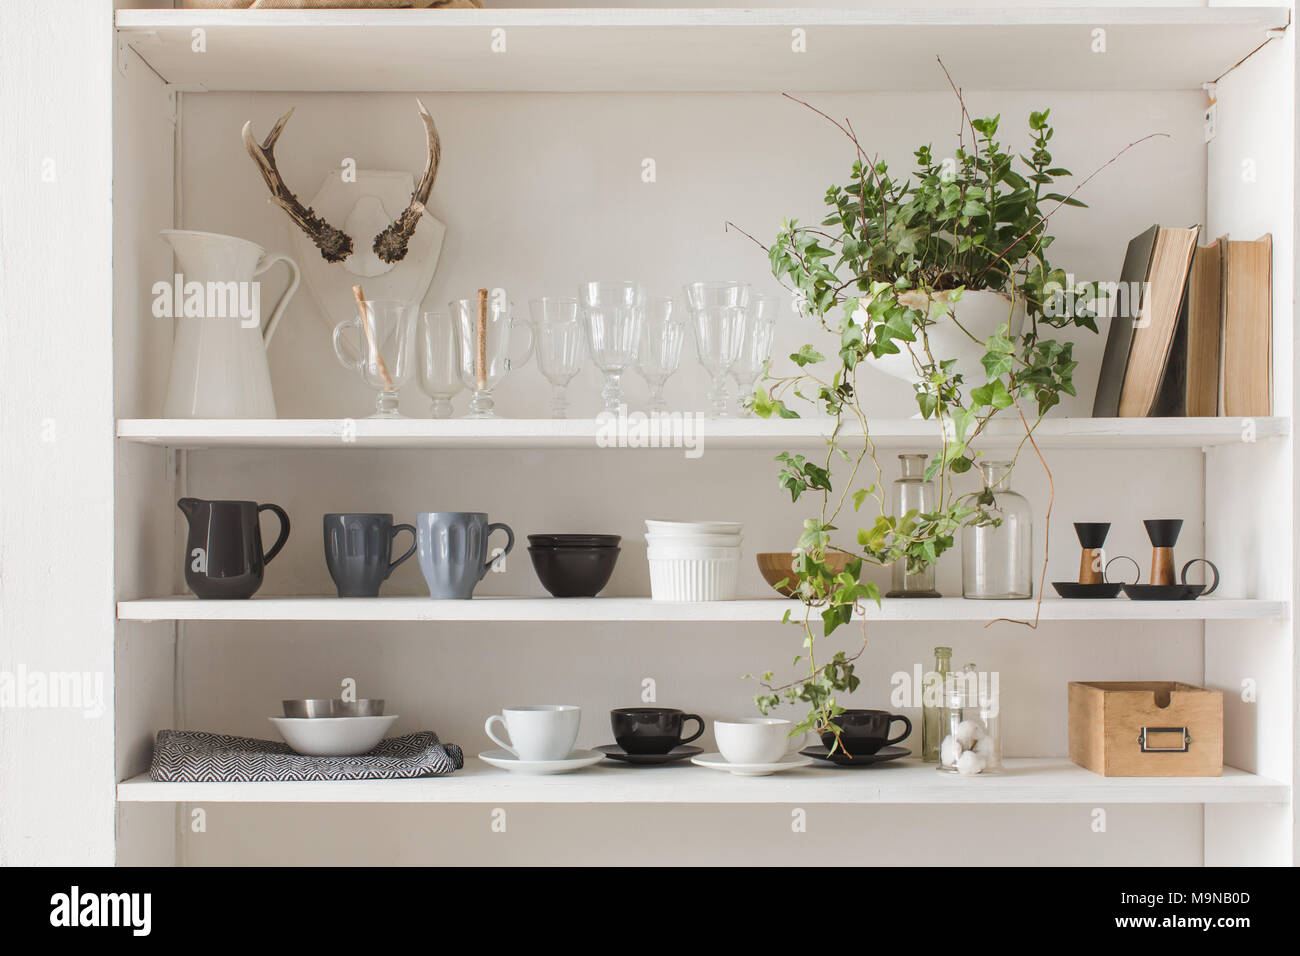 Credenza Per Cucine : Mobile da cucina o credenza per piatti foto & immagine stock